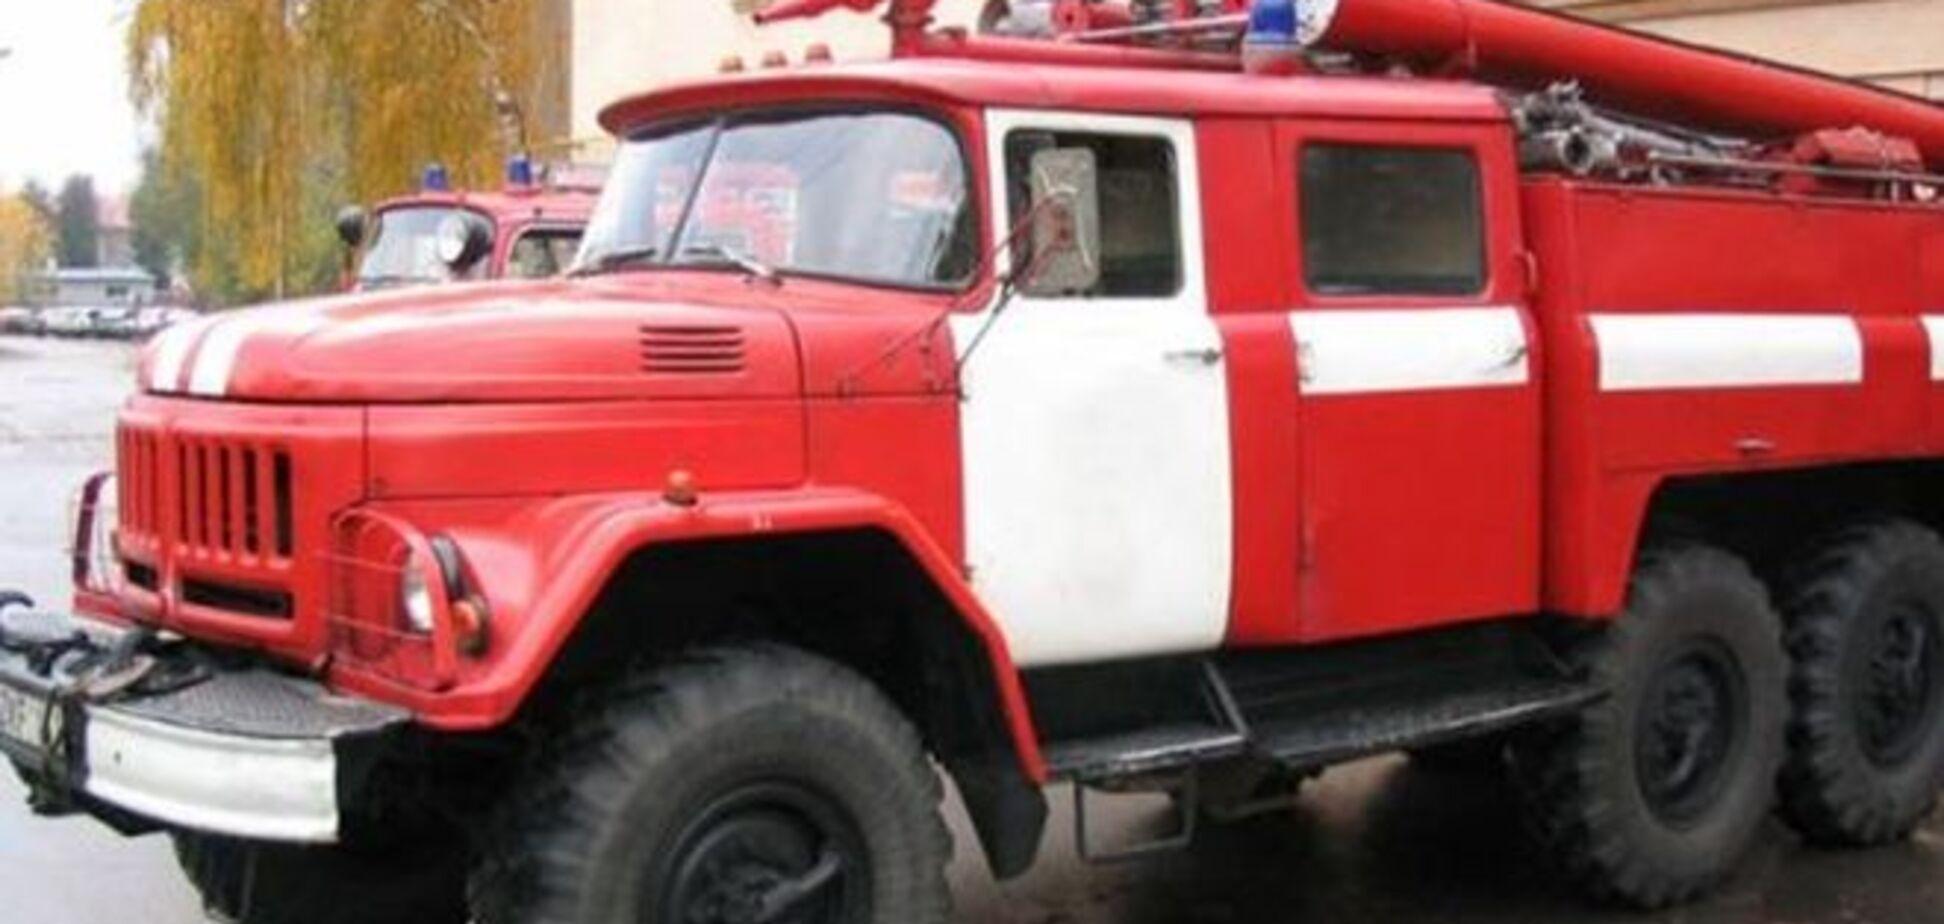 Вибух у житловому будинку Луганська: пожежу ліквідовано